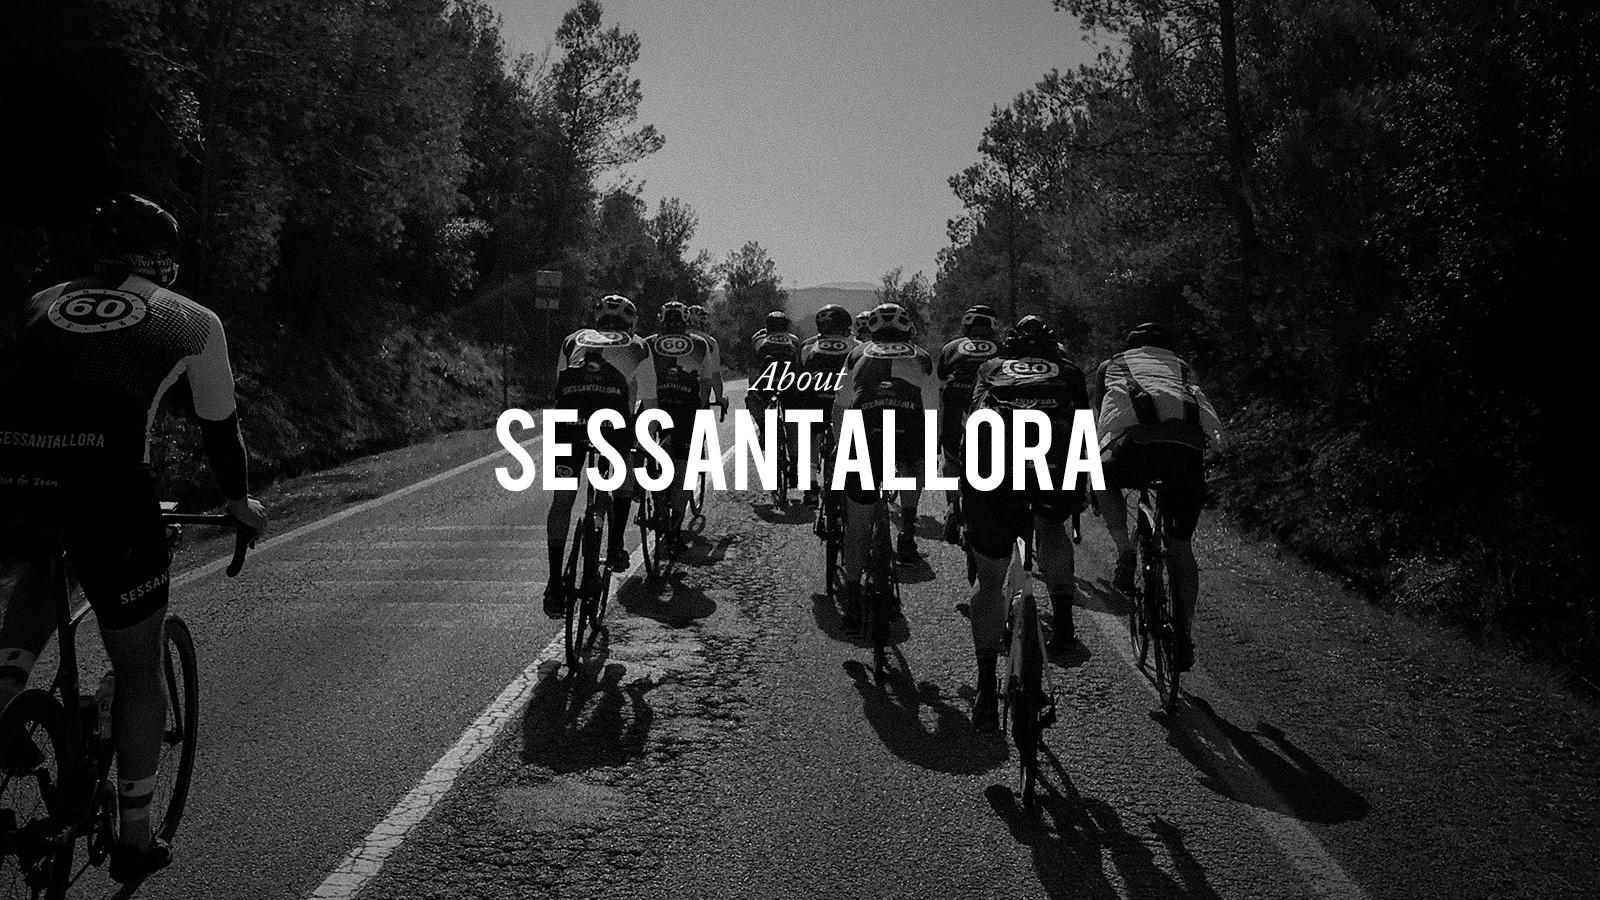 About Sessantallora - Chi siamo